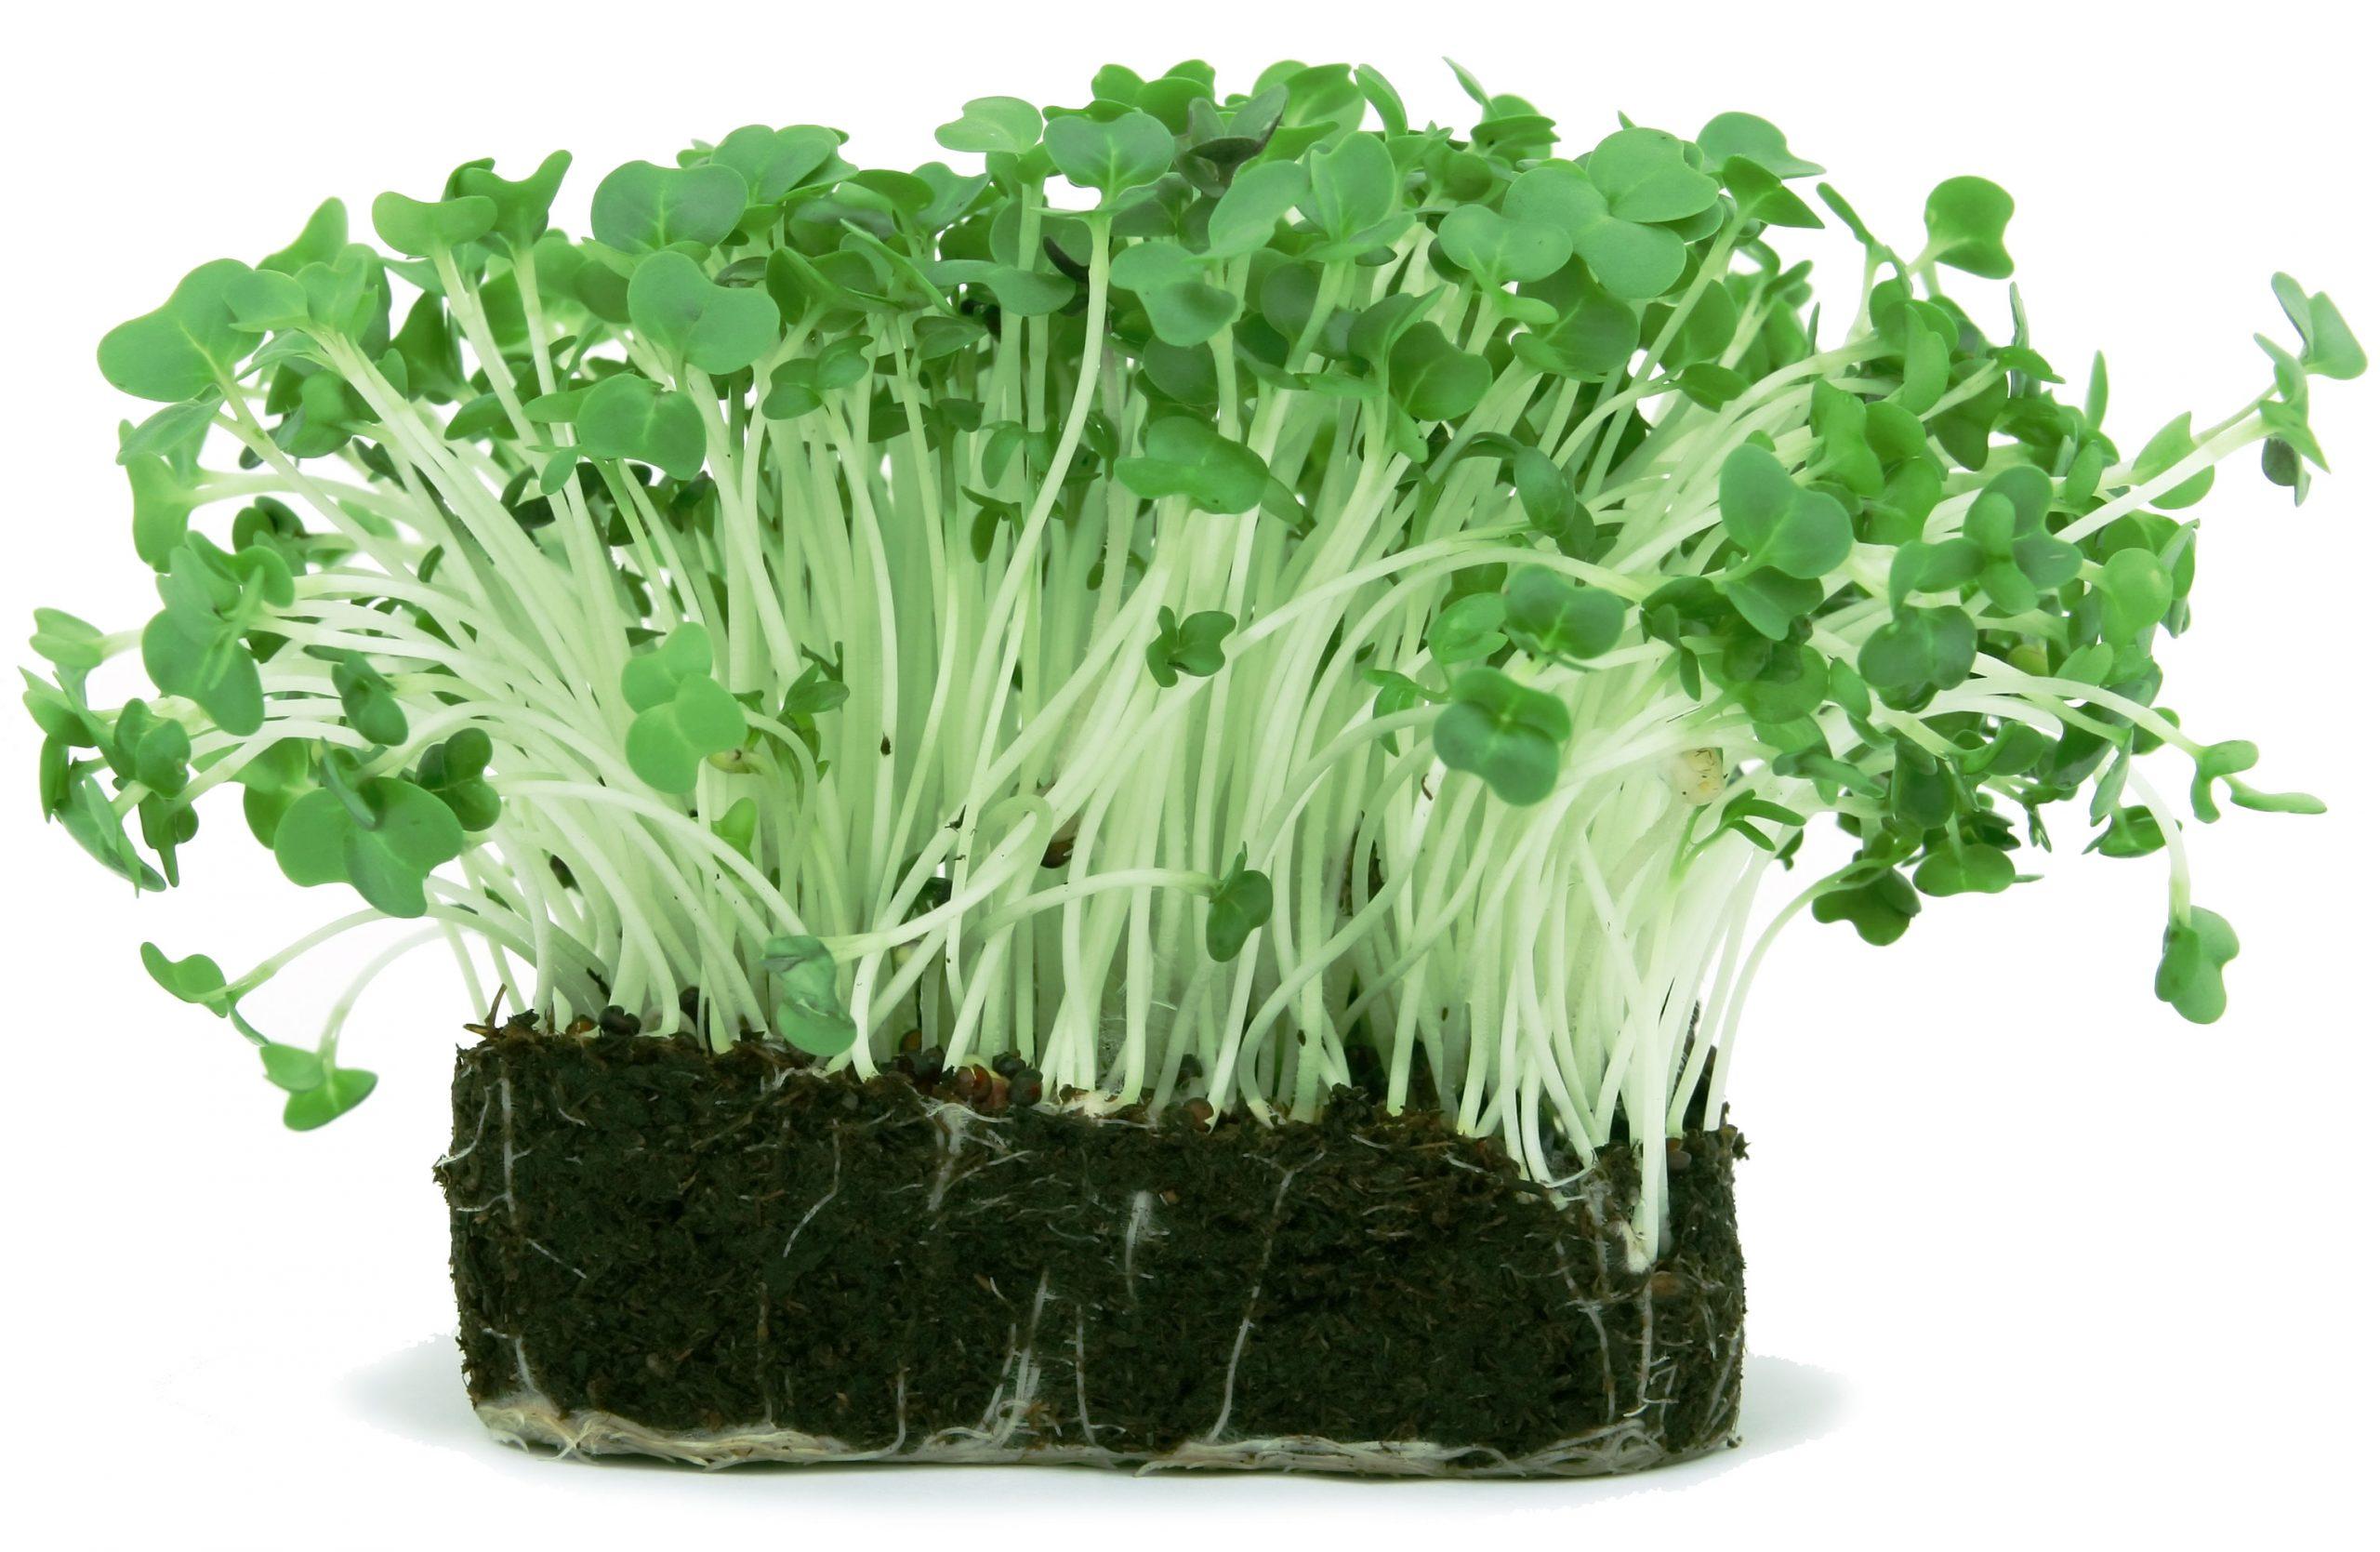 Wittmer Soil Solutions